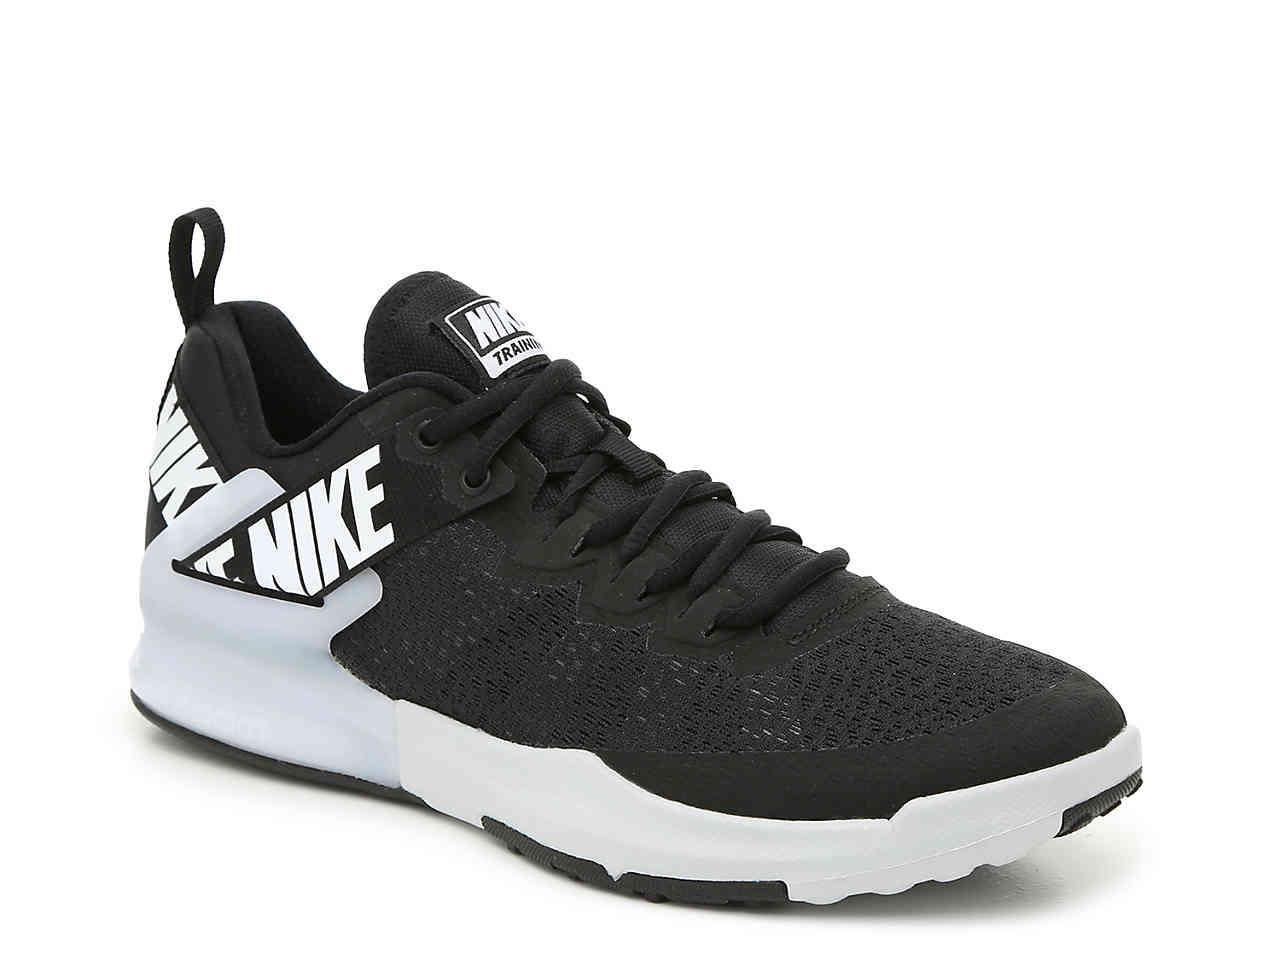 8b39e9bcd847d Nike - Black Zoom Domination Tr 2 Training Shoe for Men - Lyst. View  fullscreen